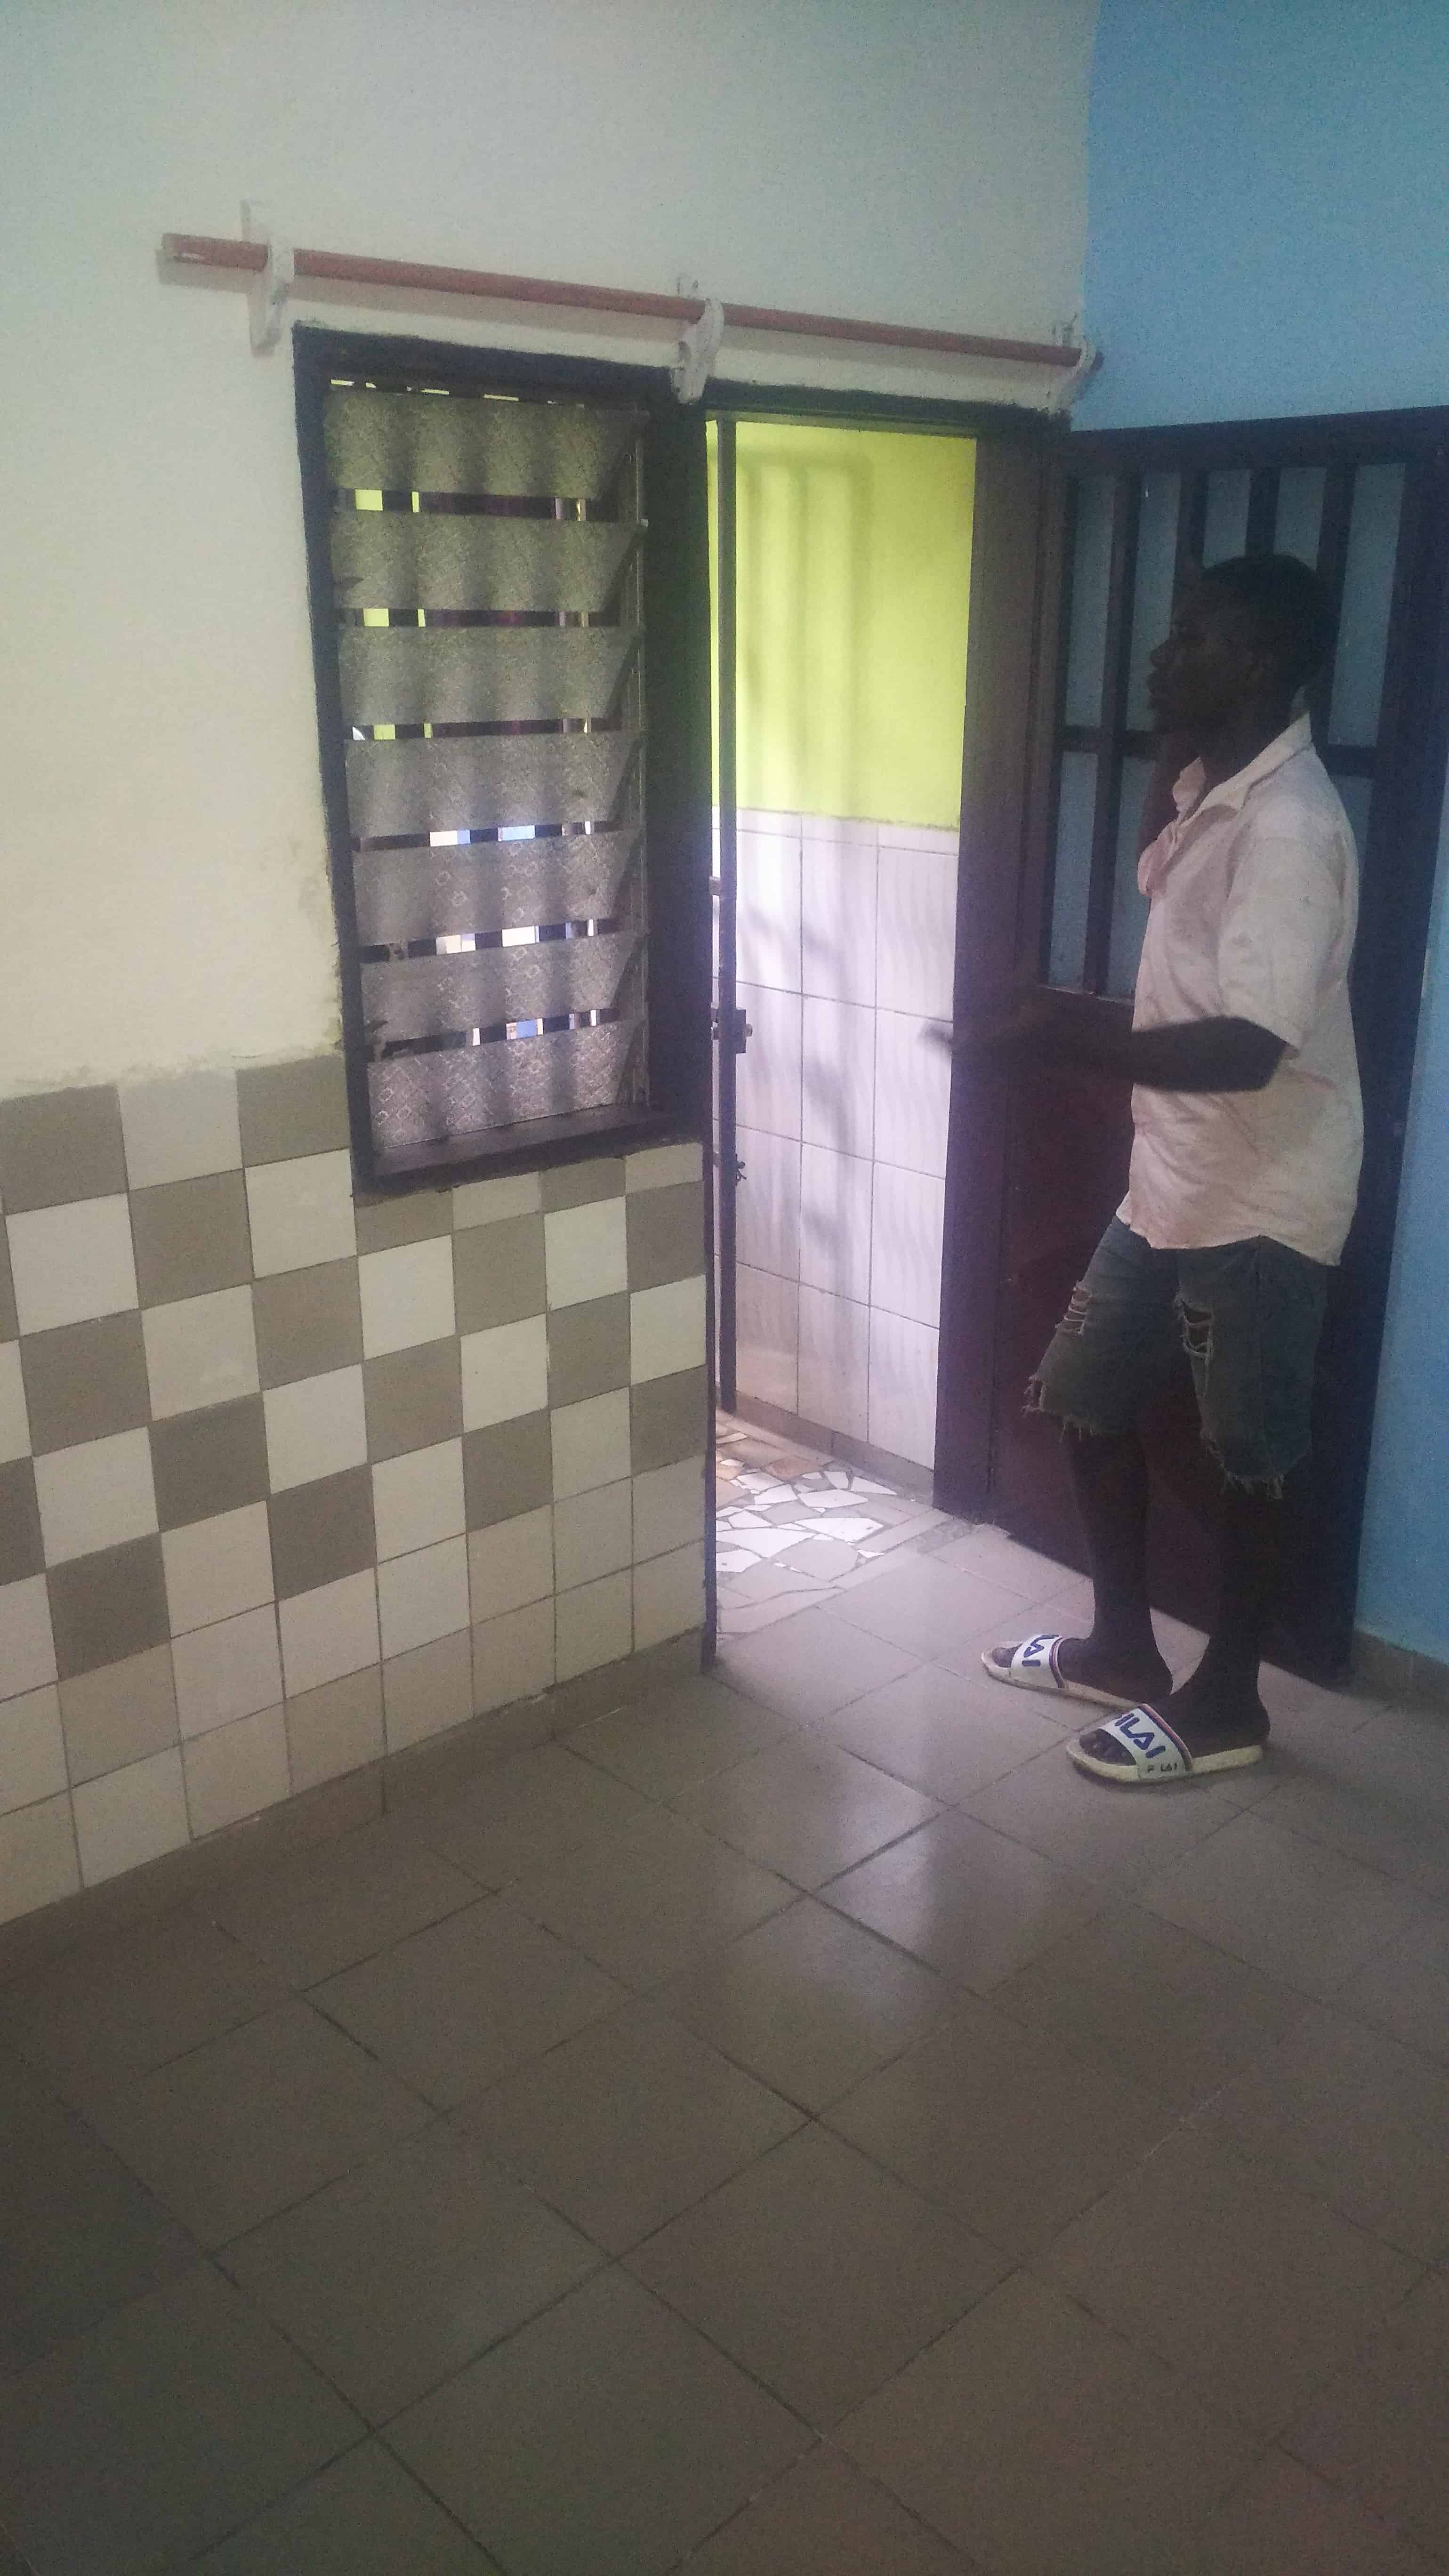 Chambre à louer - Douala, Ndoghem, Ange Raphaël - 35 000 FCFA / mois